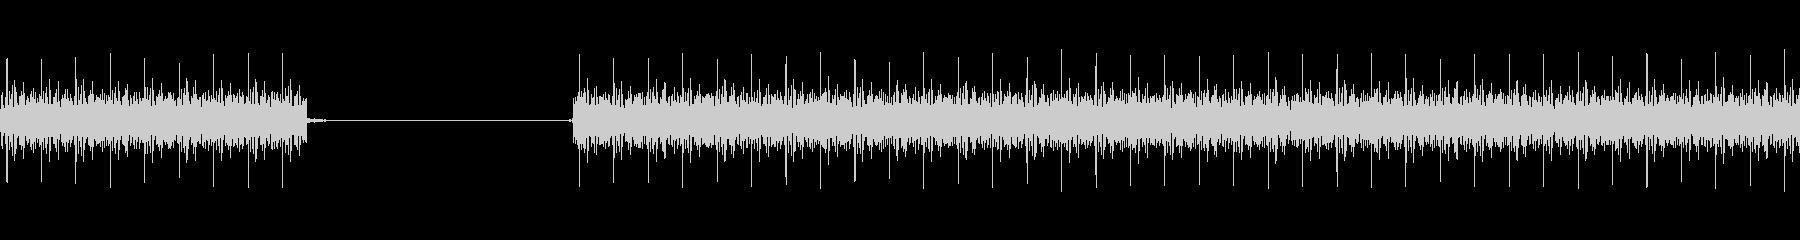 クイズ不正解音(ブブー)1の未再生の波形